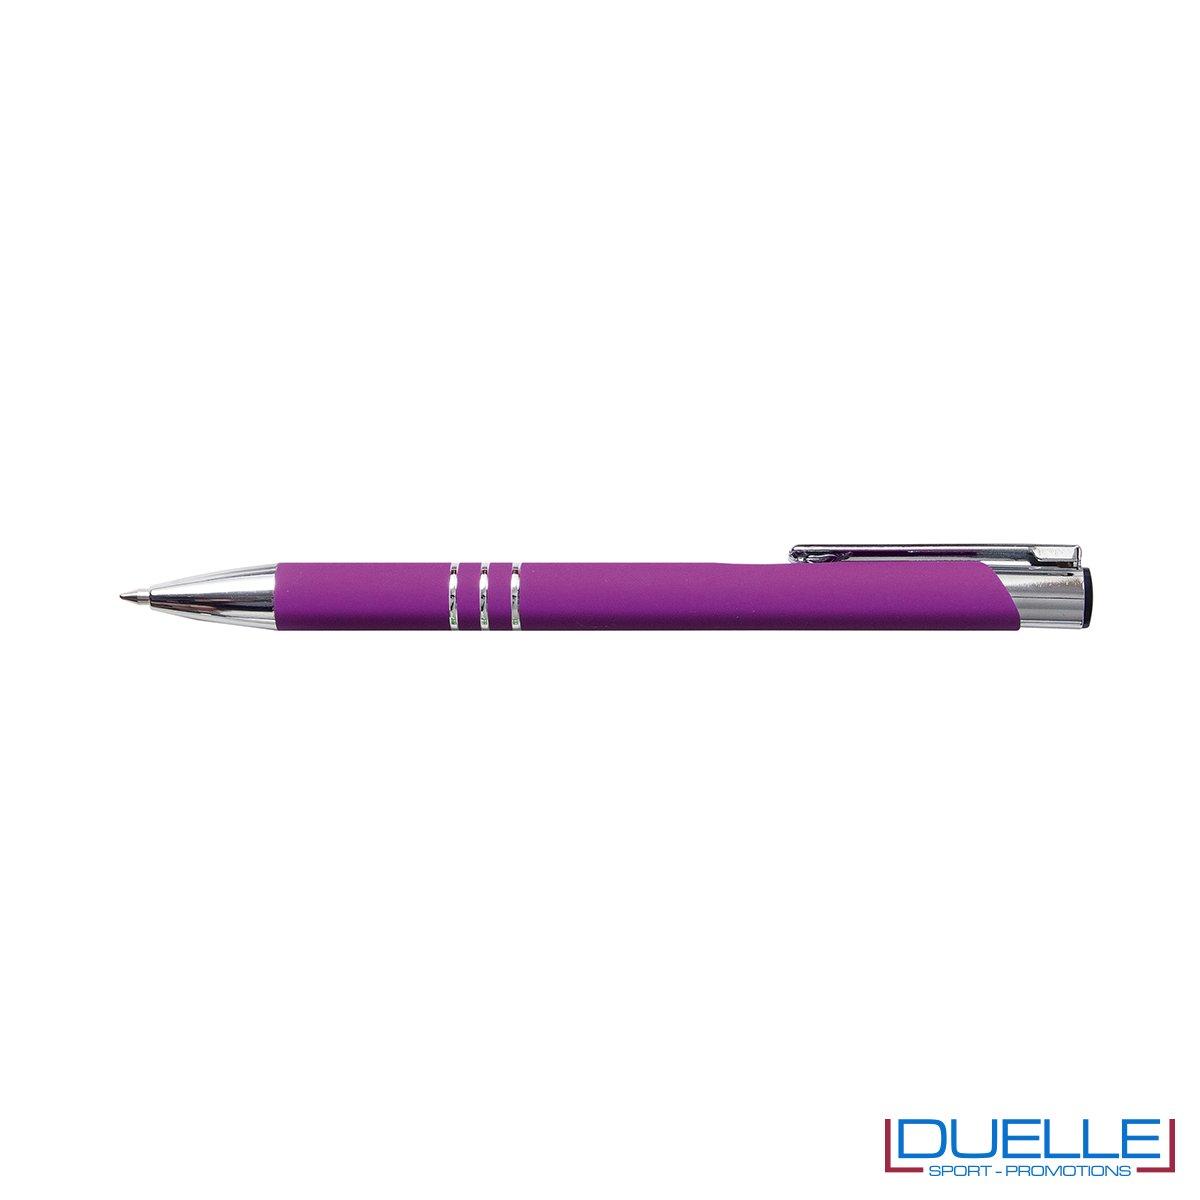 penna personalizzabile in metallo con finitura soft touch viola, penne personalizzate promozionali soft touch viola